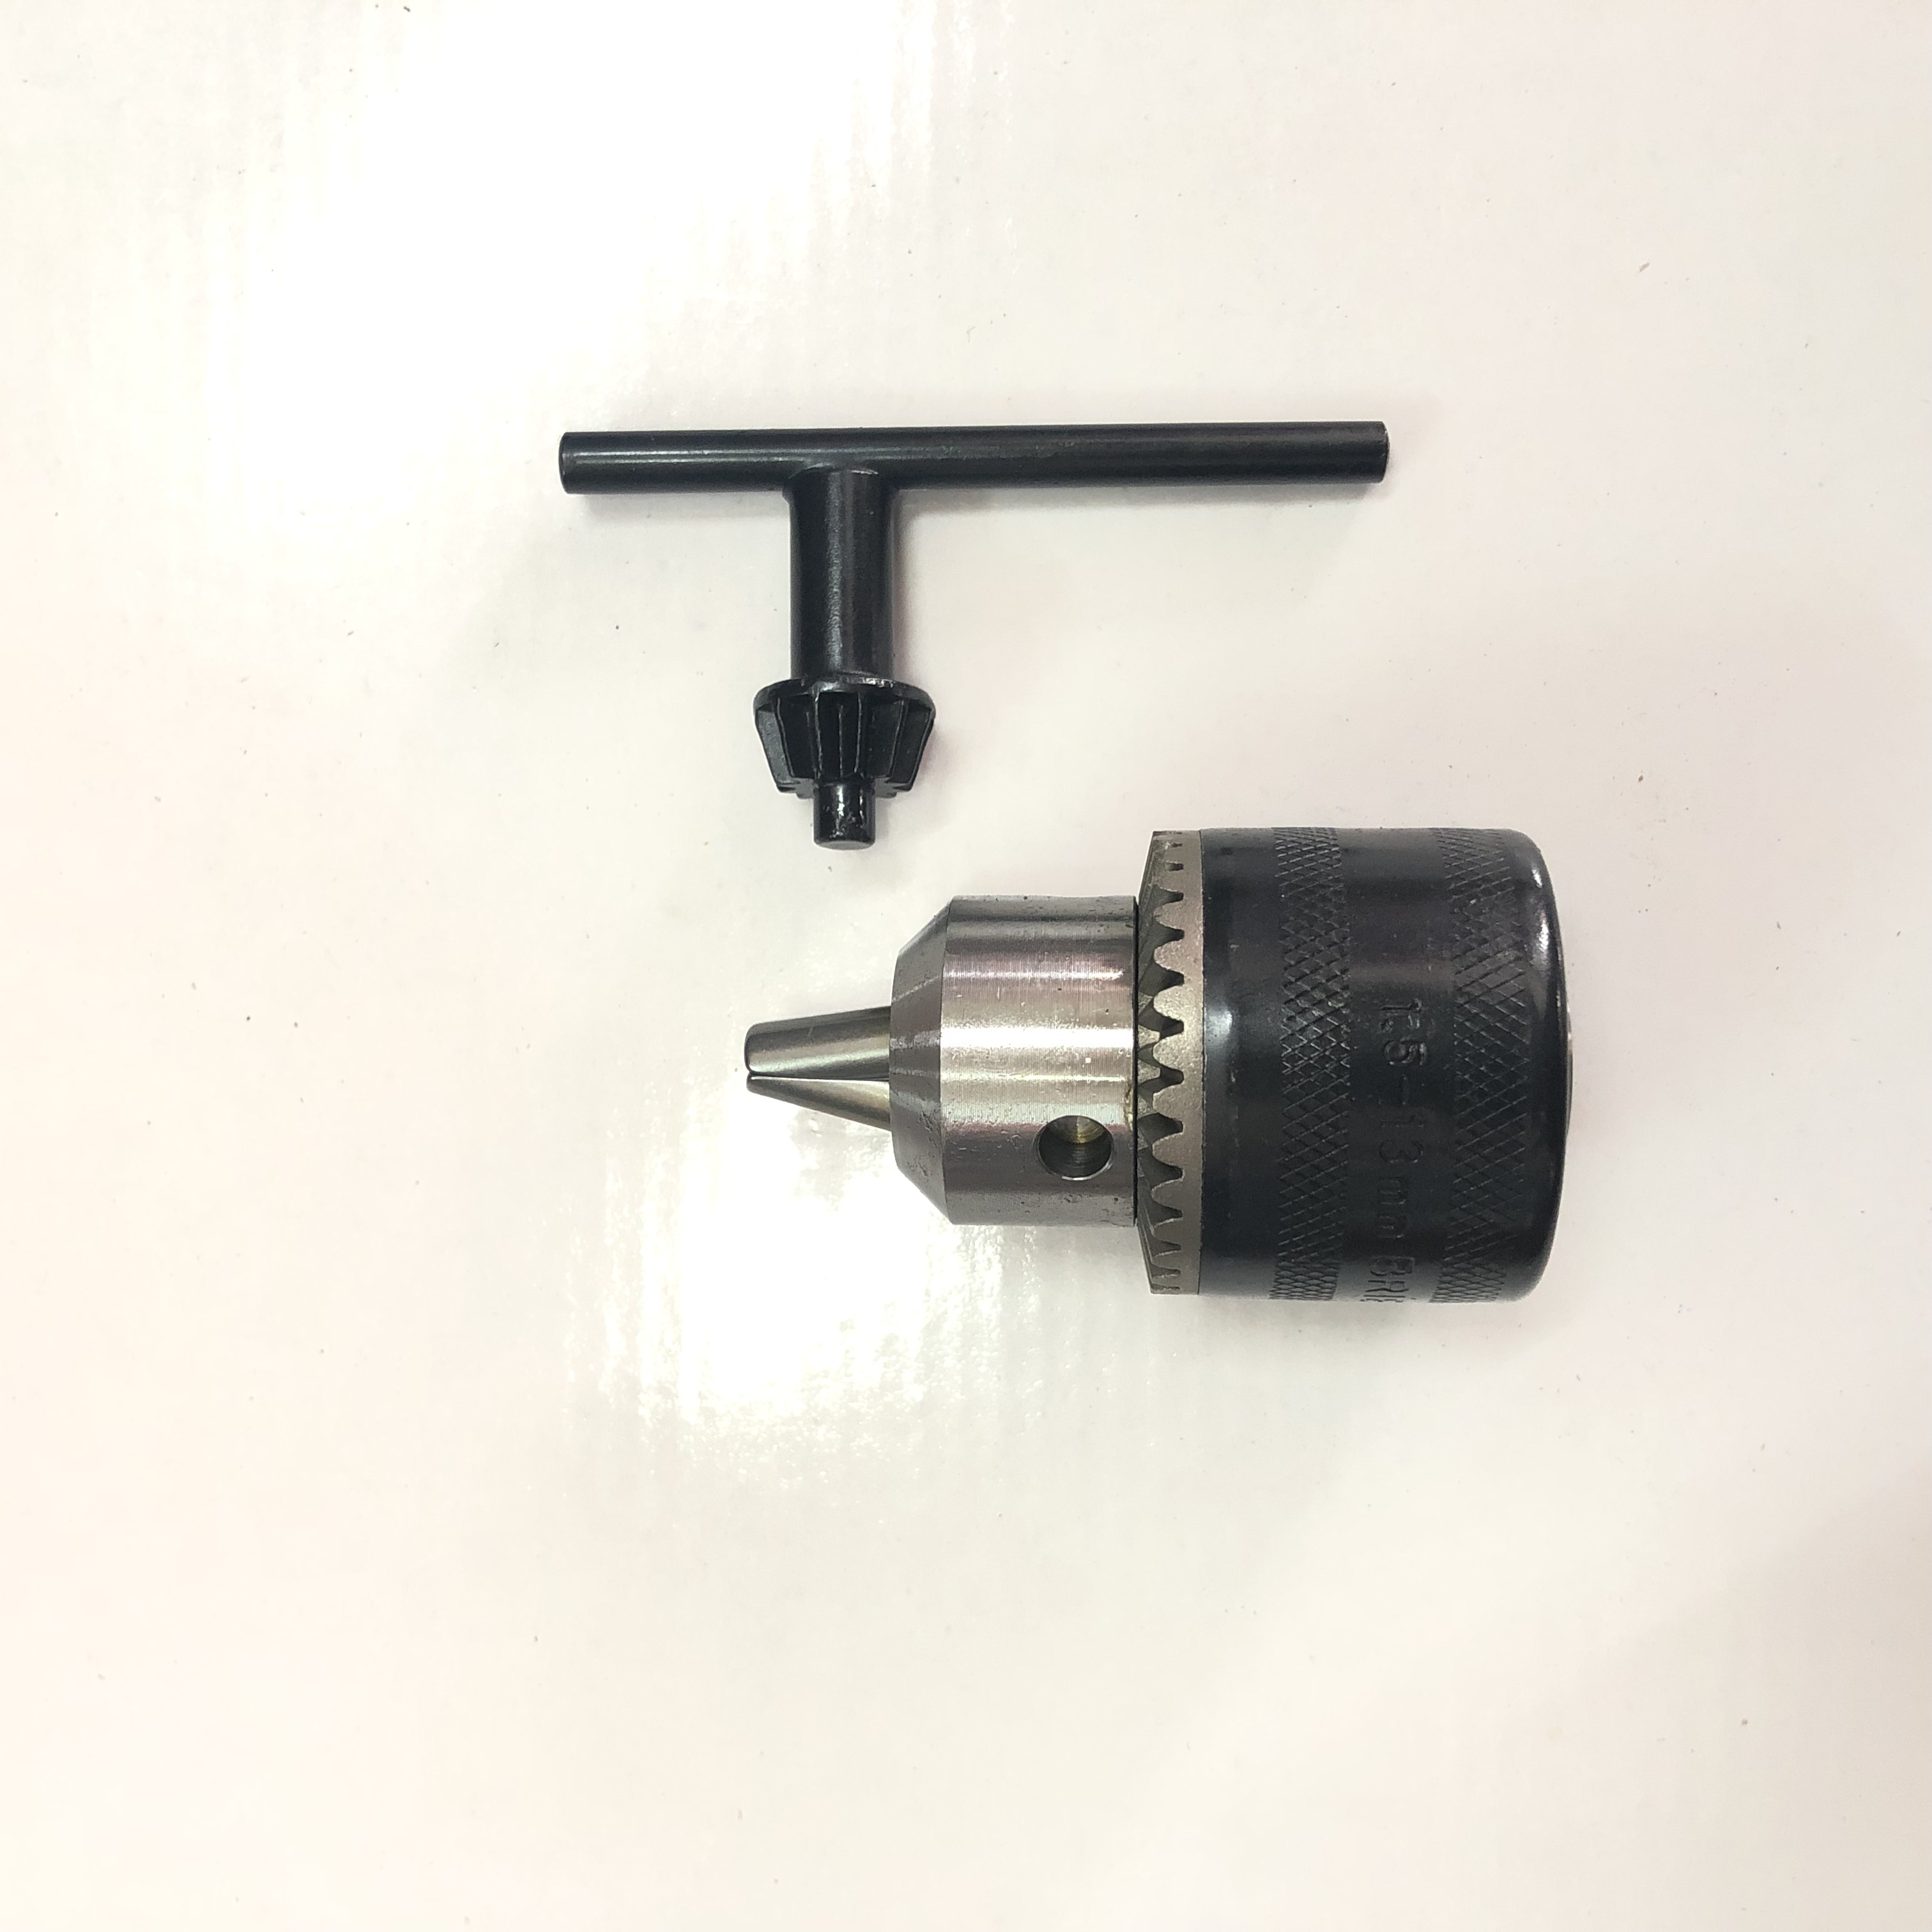 Đầu Khoan 13mm kèm chìa khoá tương thích với các loại máy khoan cầm tay